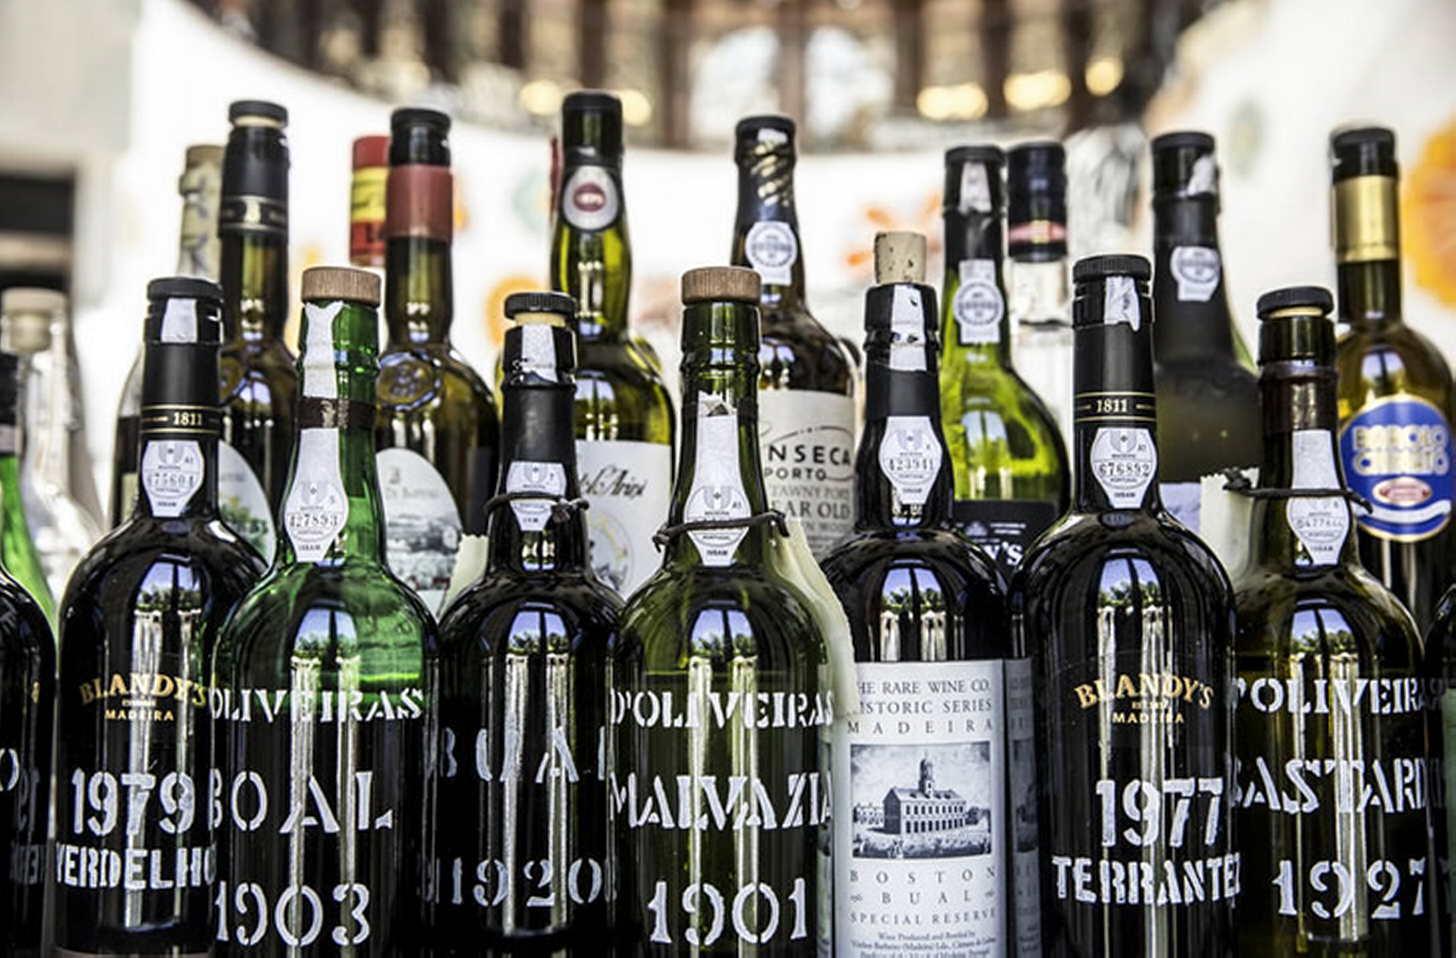 Краткая энциклопедия вин херес. мадера, портвейн  домашний алкоголь - самогоноварение, рецепты настоек, водки